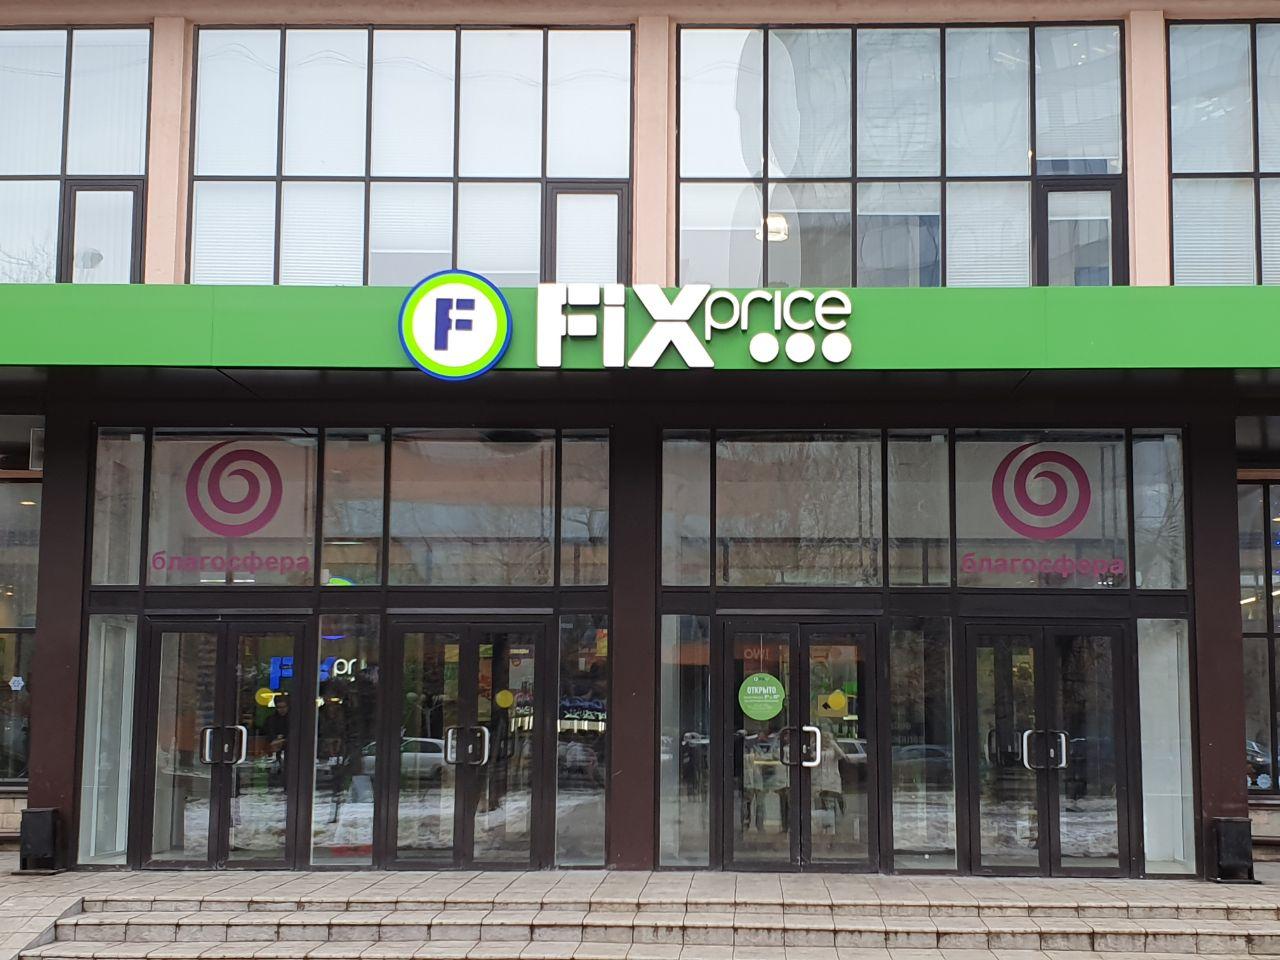 Магазины фикс прайс (fix price)